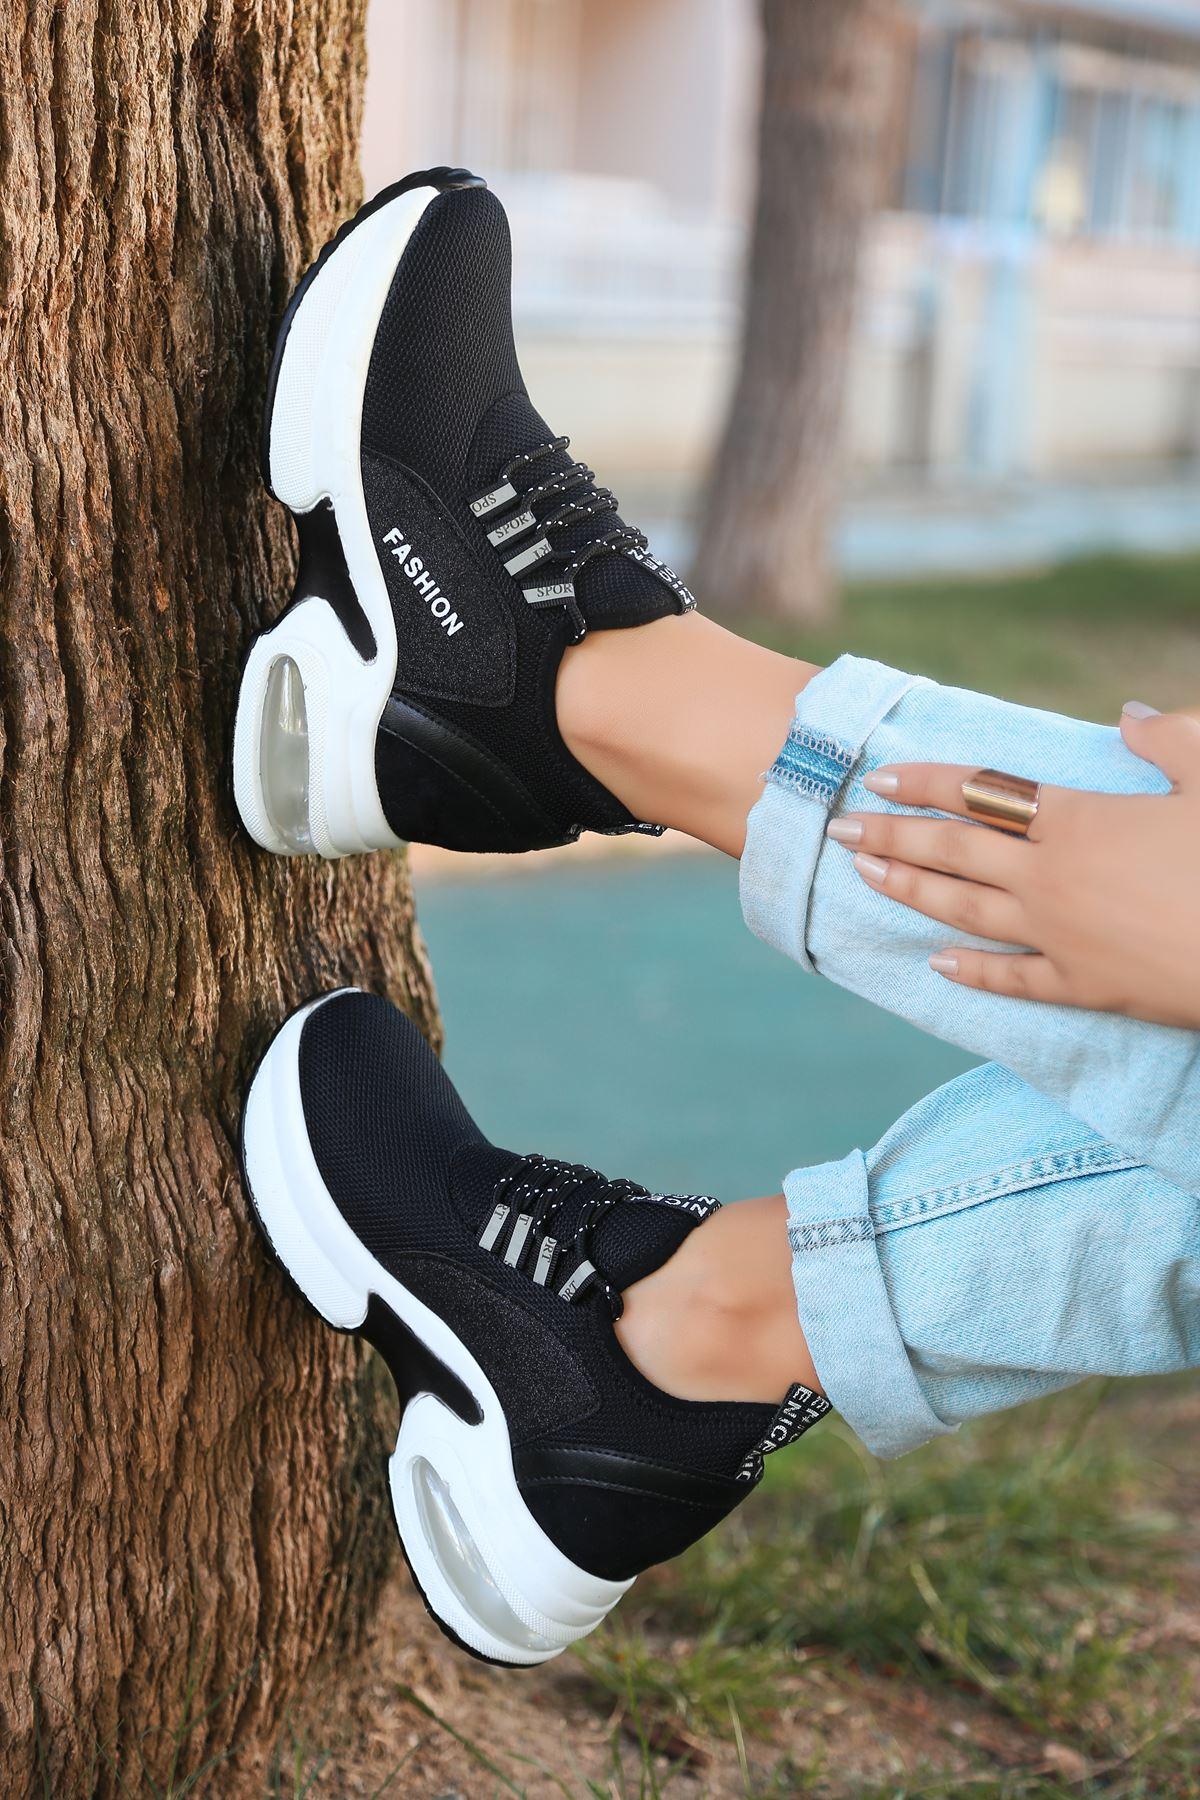 Odessa Triko Hava Taban Detaylı Ortopedik  Kadın Spor Ayakkabı Siyah